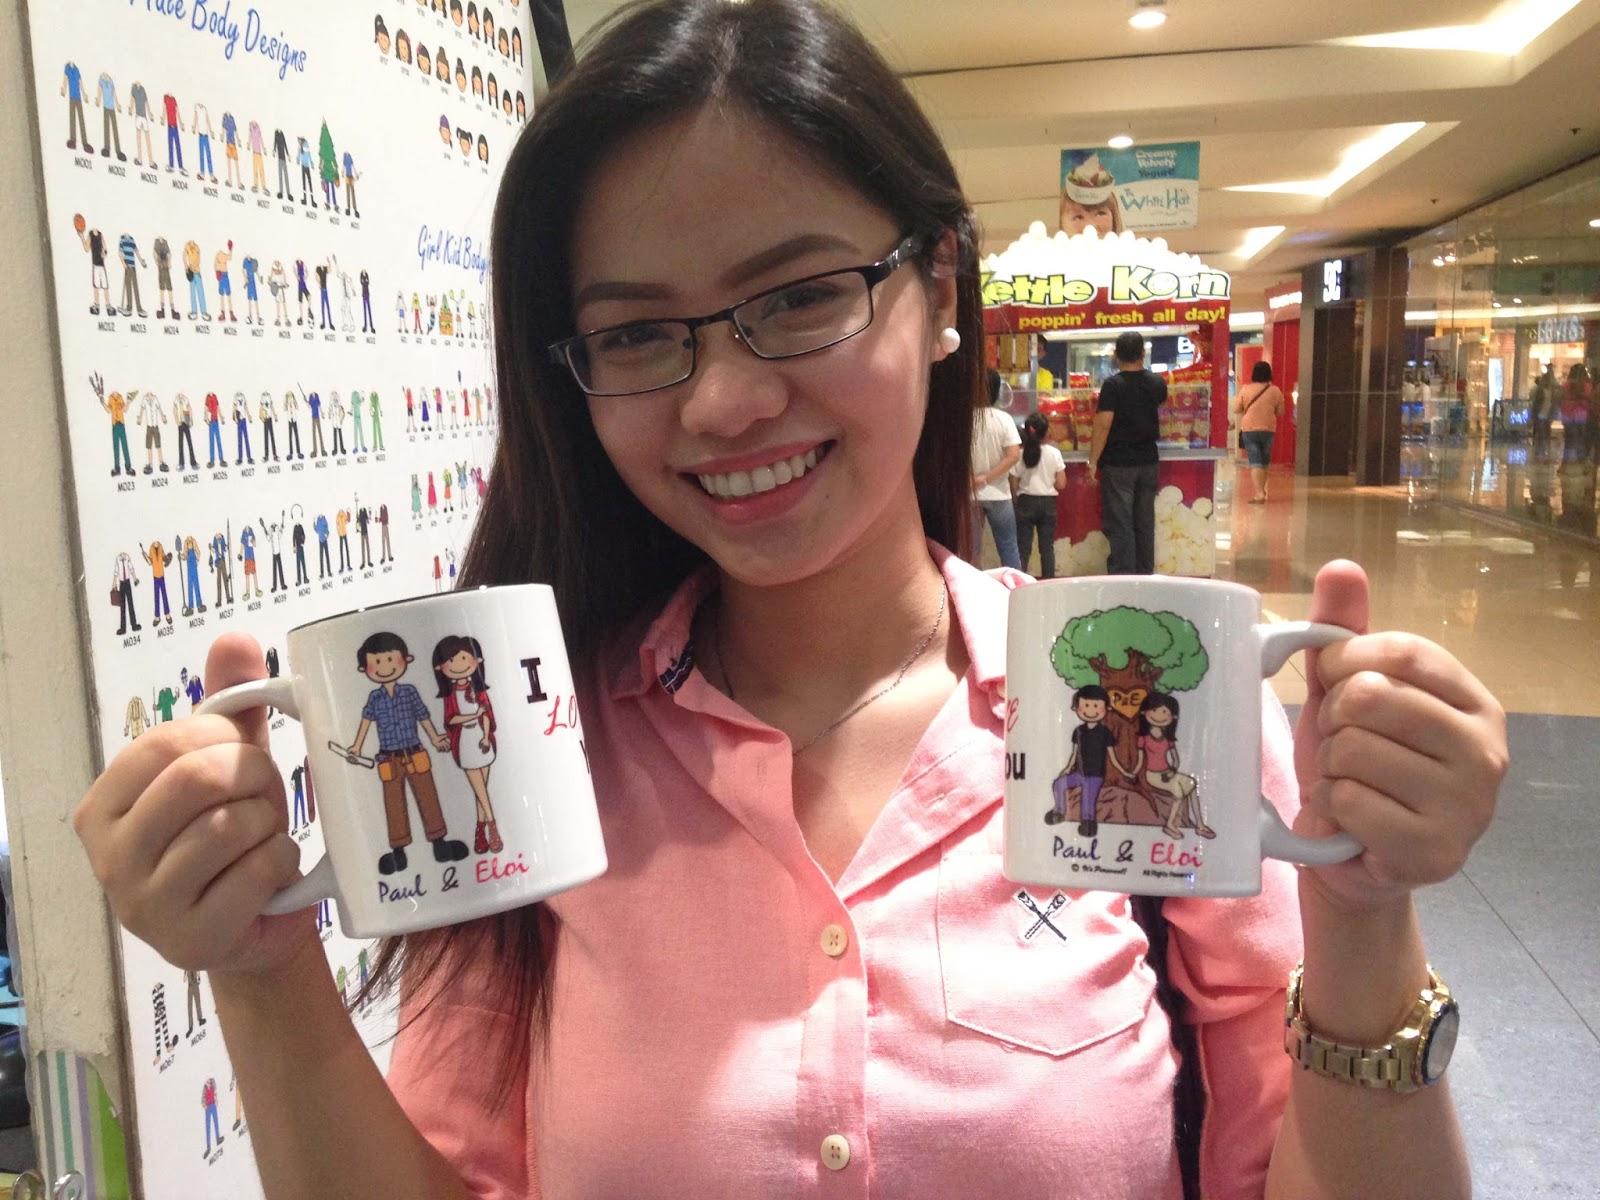 Personalized mugs price divisoria - Personalized Mugs Price Divisoria 46